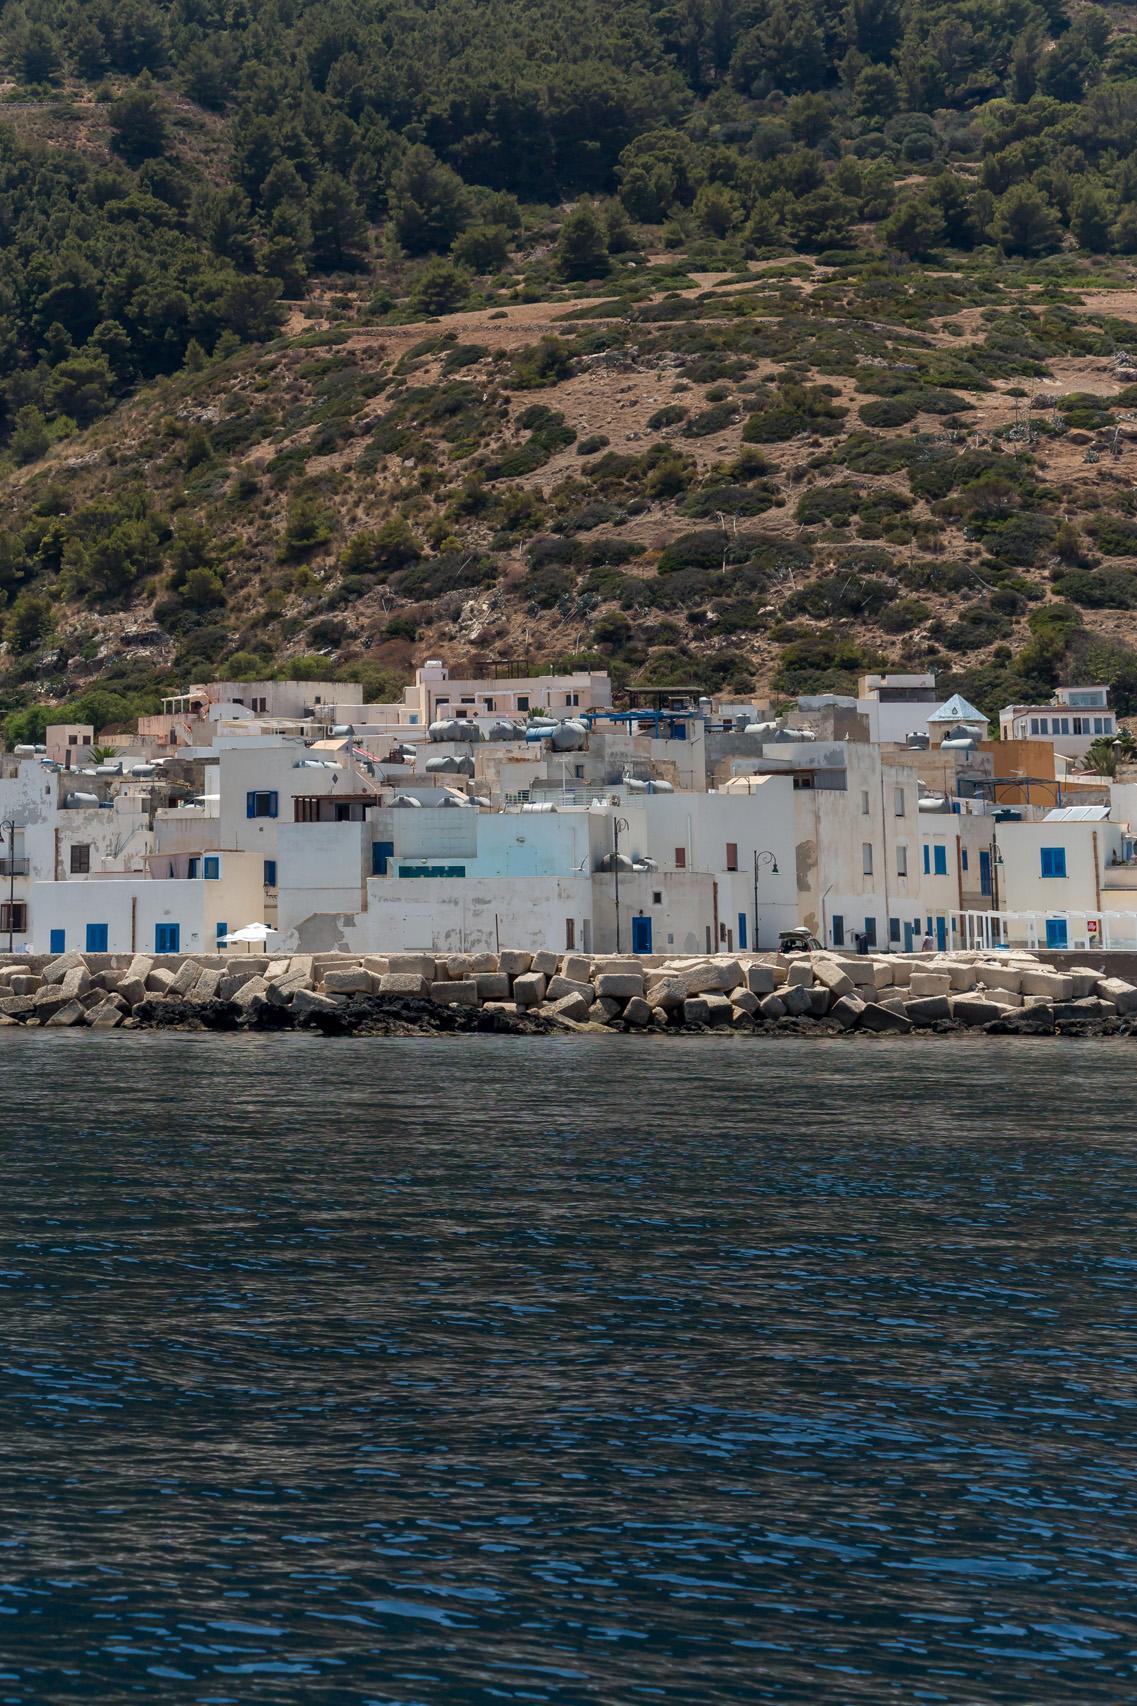 Marettimo island, Sicily